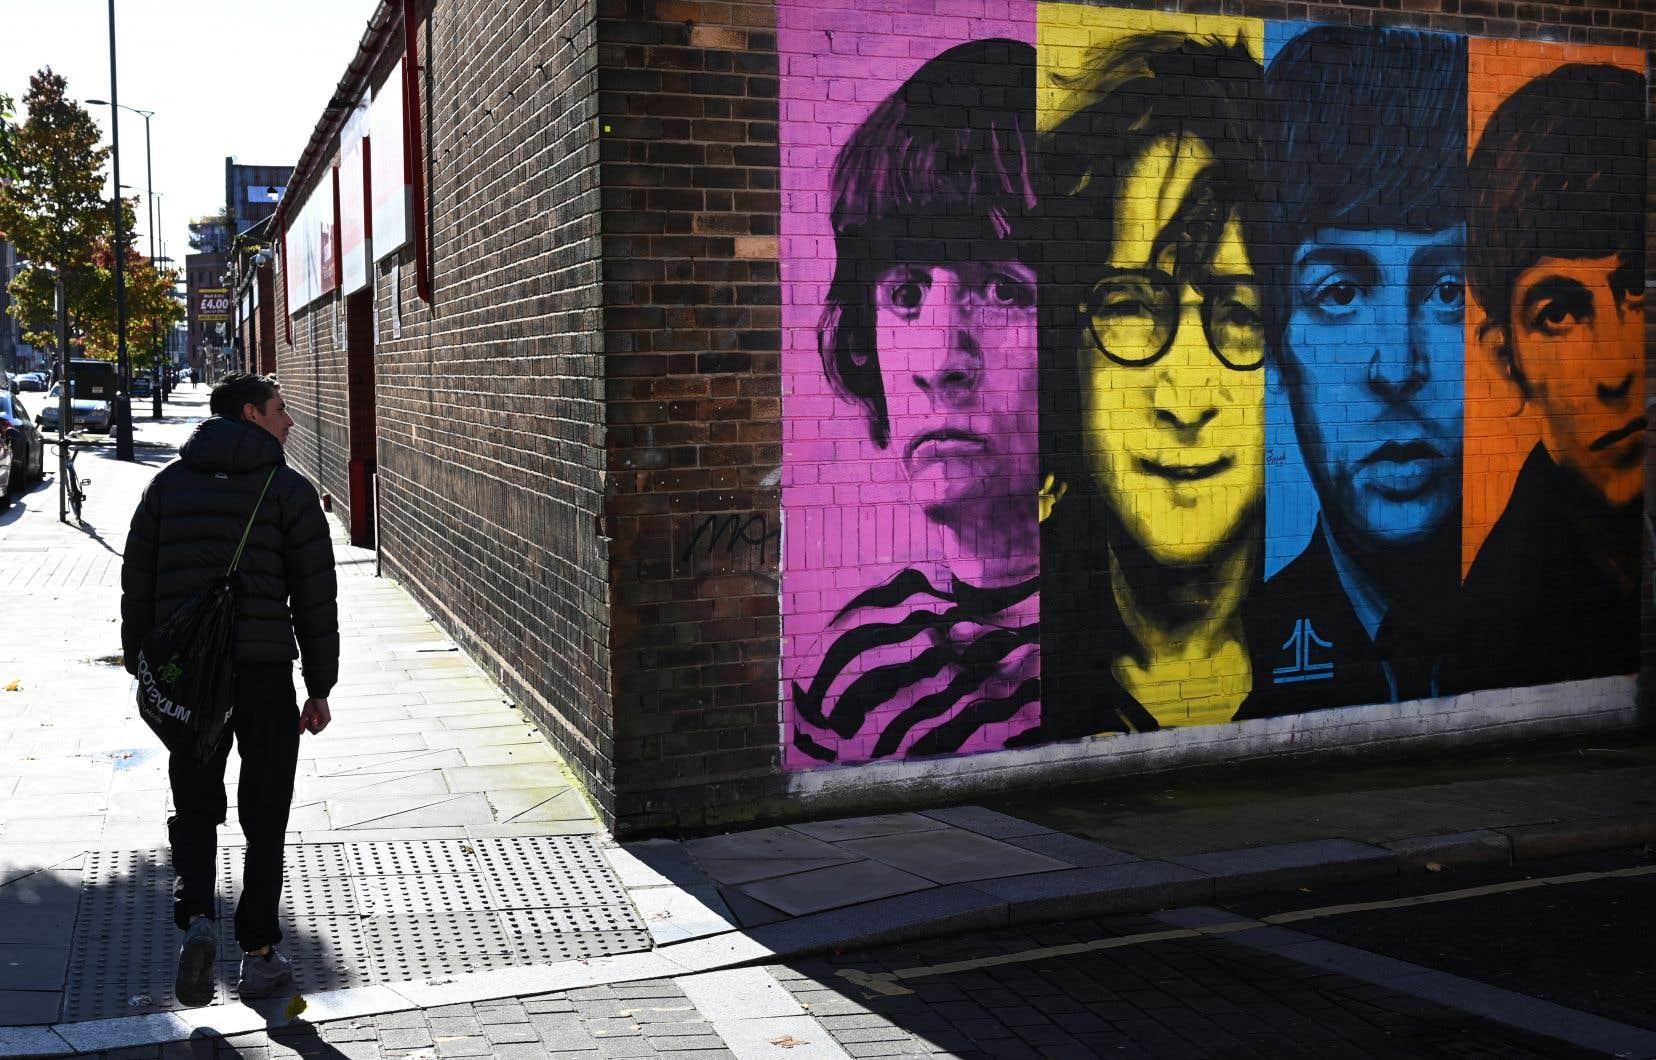 Les admirateurs du groupe débattent depuis longtemps de la séparation du groupe. Plusieurs pointent du doigt McCartney.